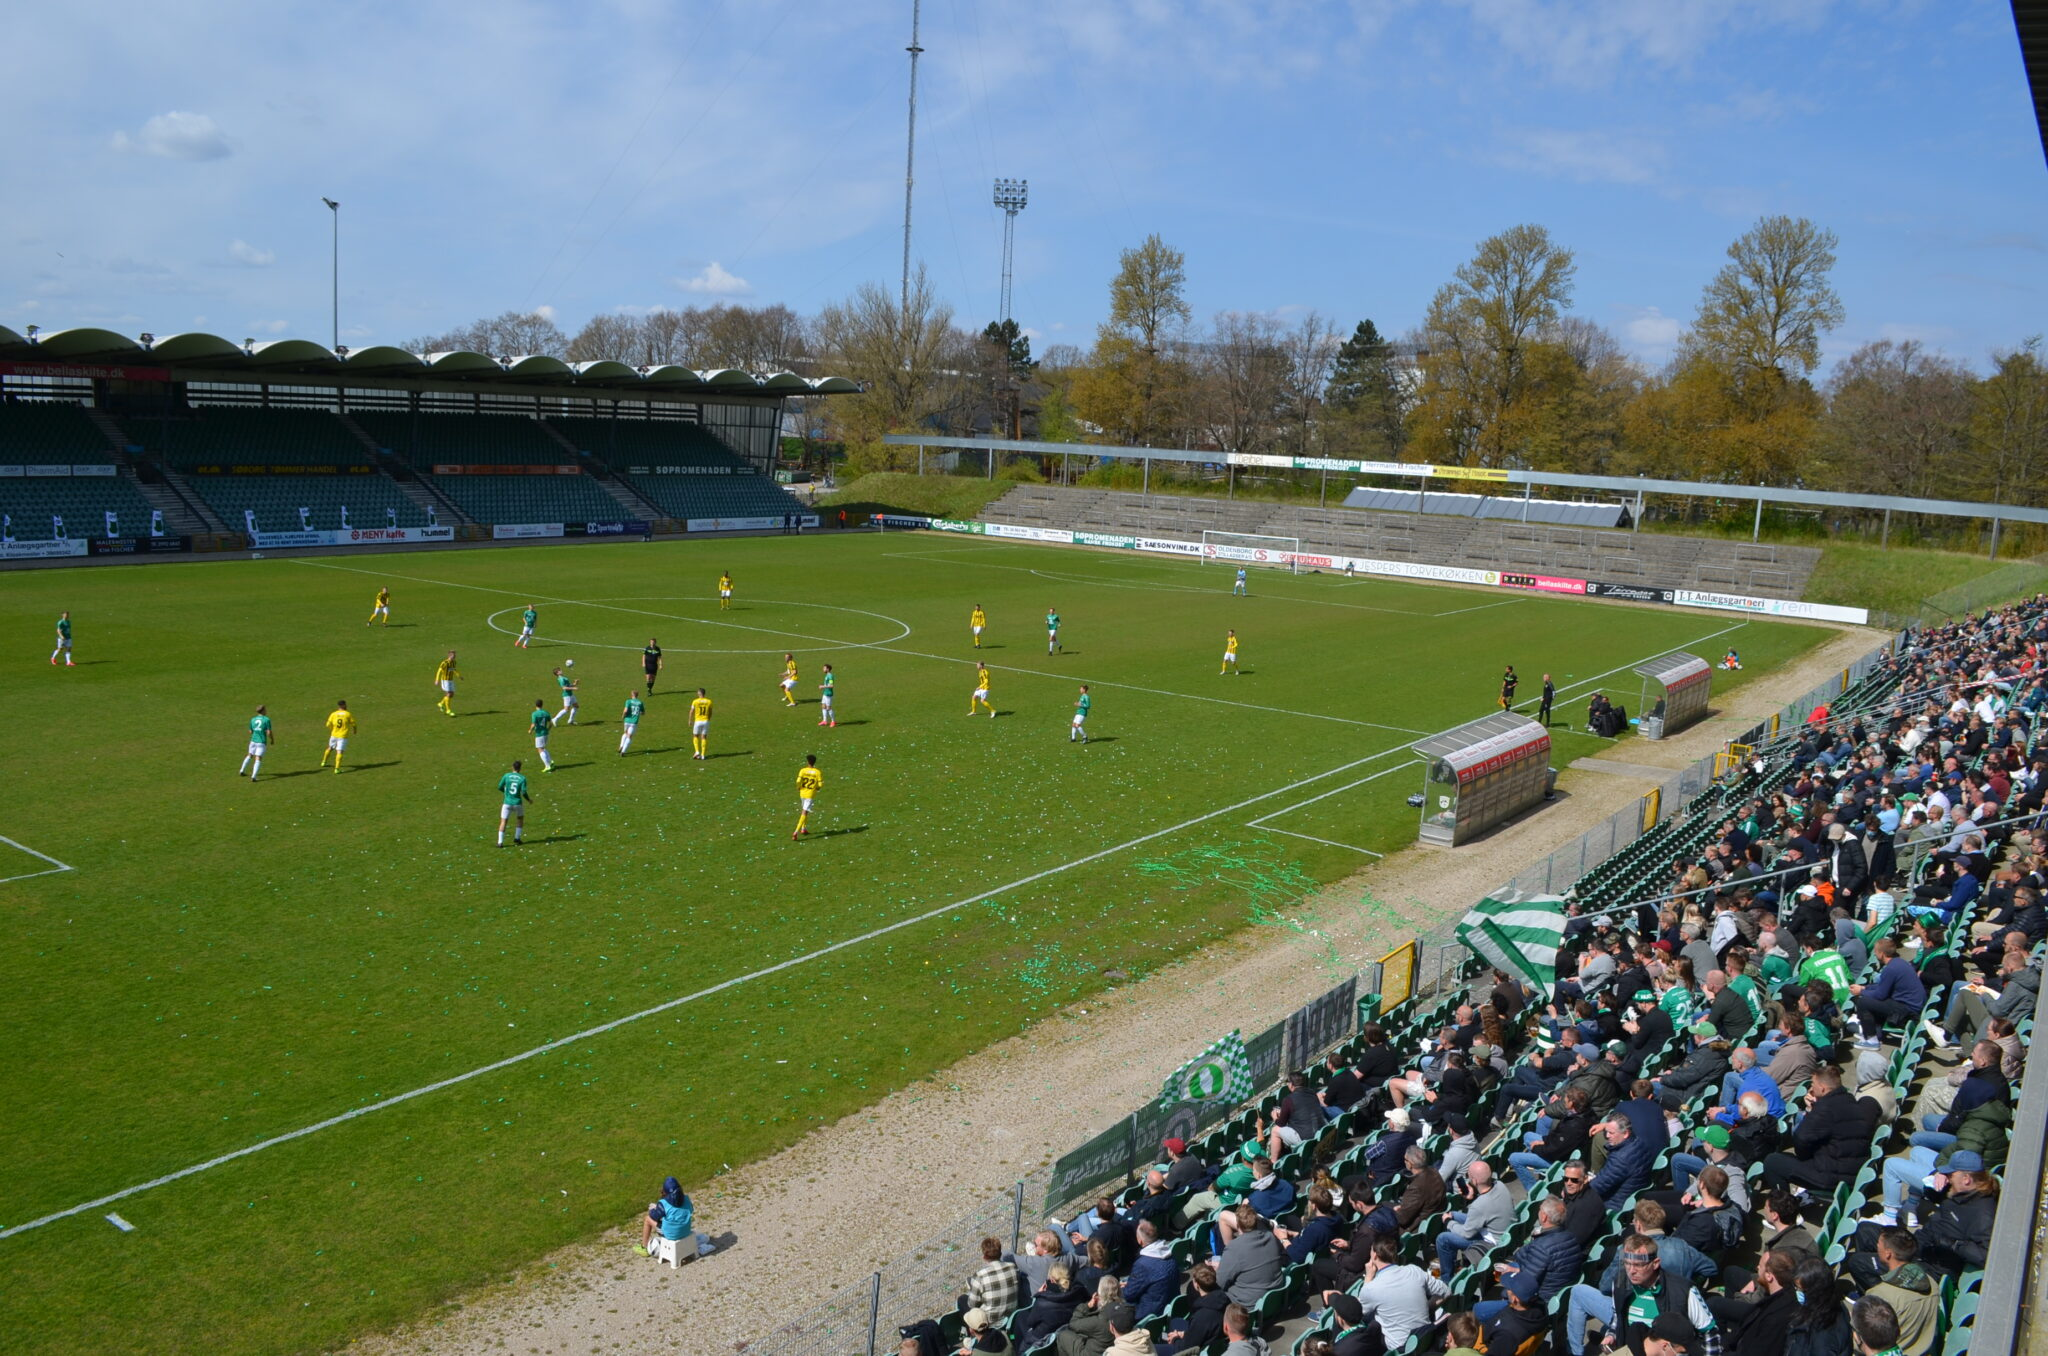 Tilskuere og fans var tilbage på Gladsaxe Stadion efter den lange Corona nedlukning, da AB tog imod Brønshøj i 2. division. (Foto: DTU)